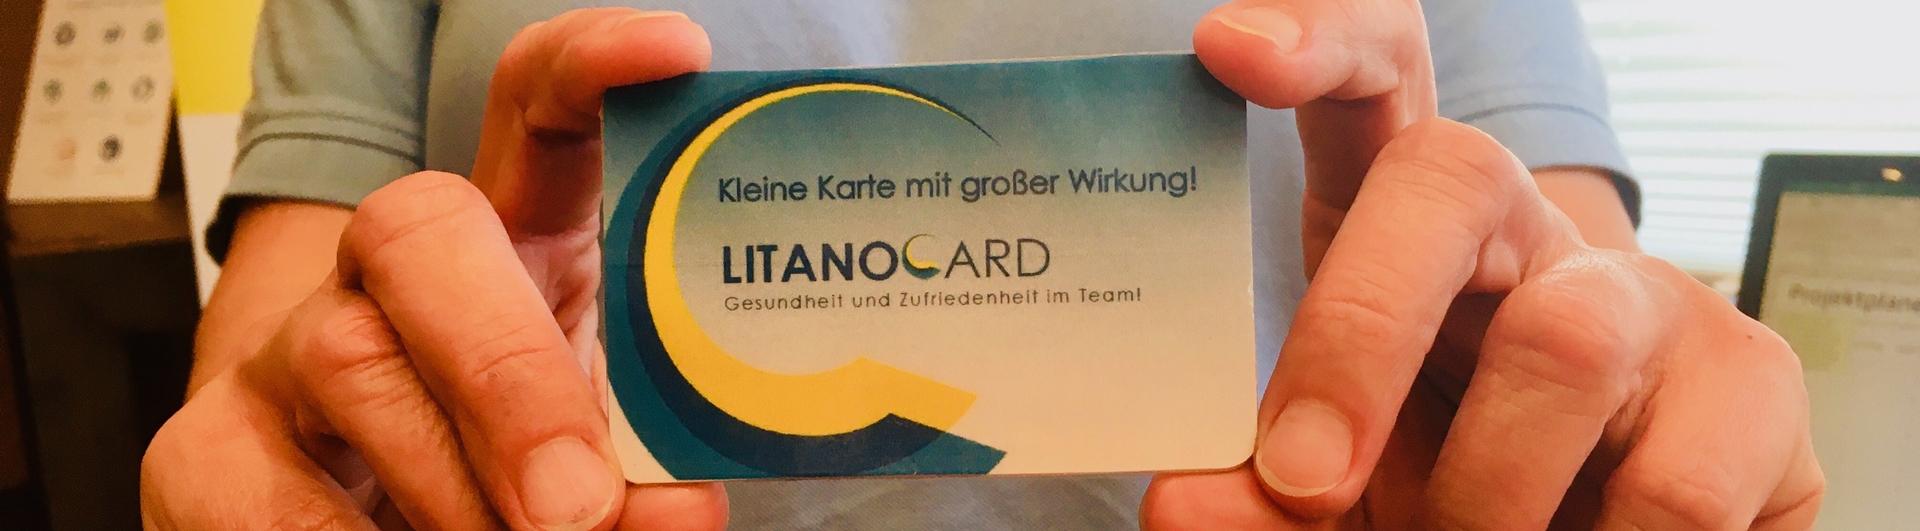 LitanoCard_Kleine_Karte_mit_großer_Wirkung